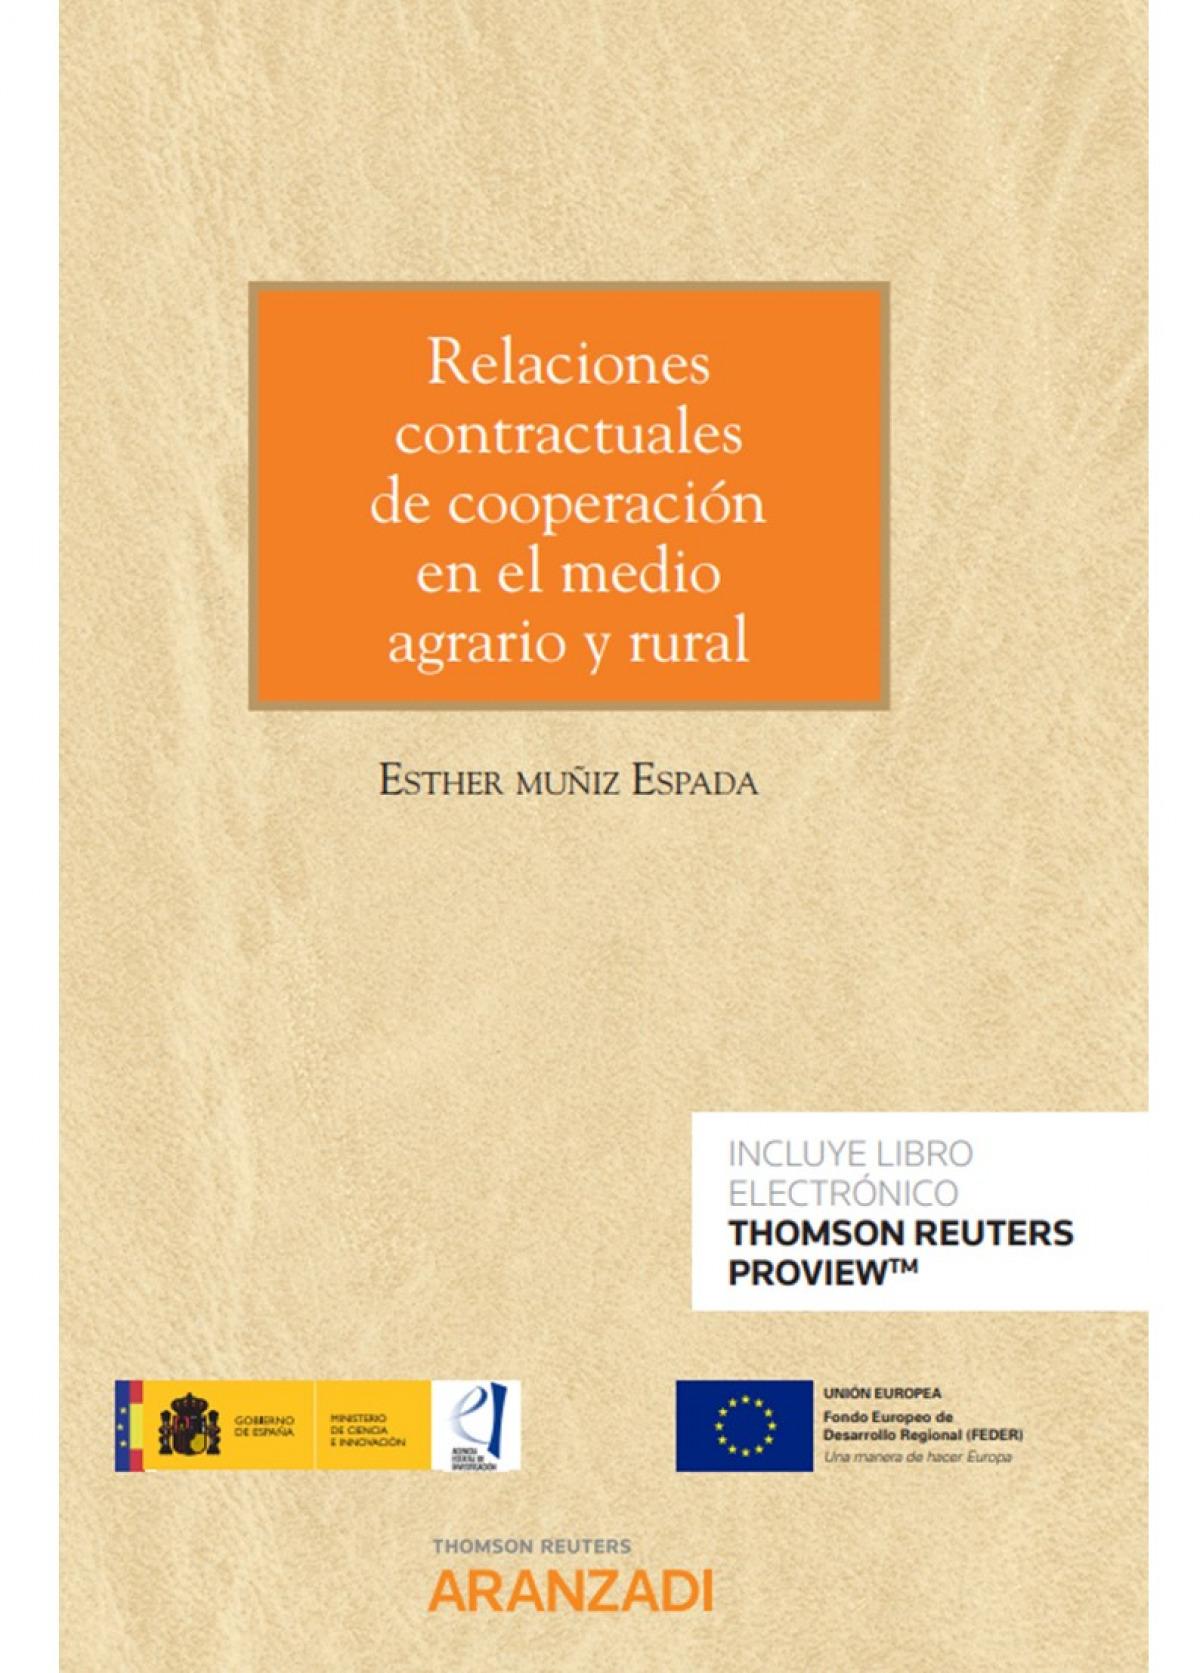 RELACIONES CONTRACTUALES DE COOPERACION EN MEDIO AGRARIO 9788413455969